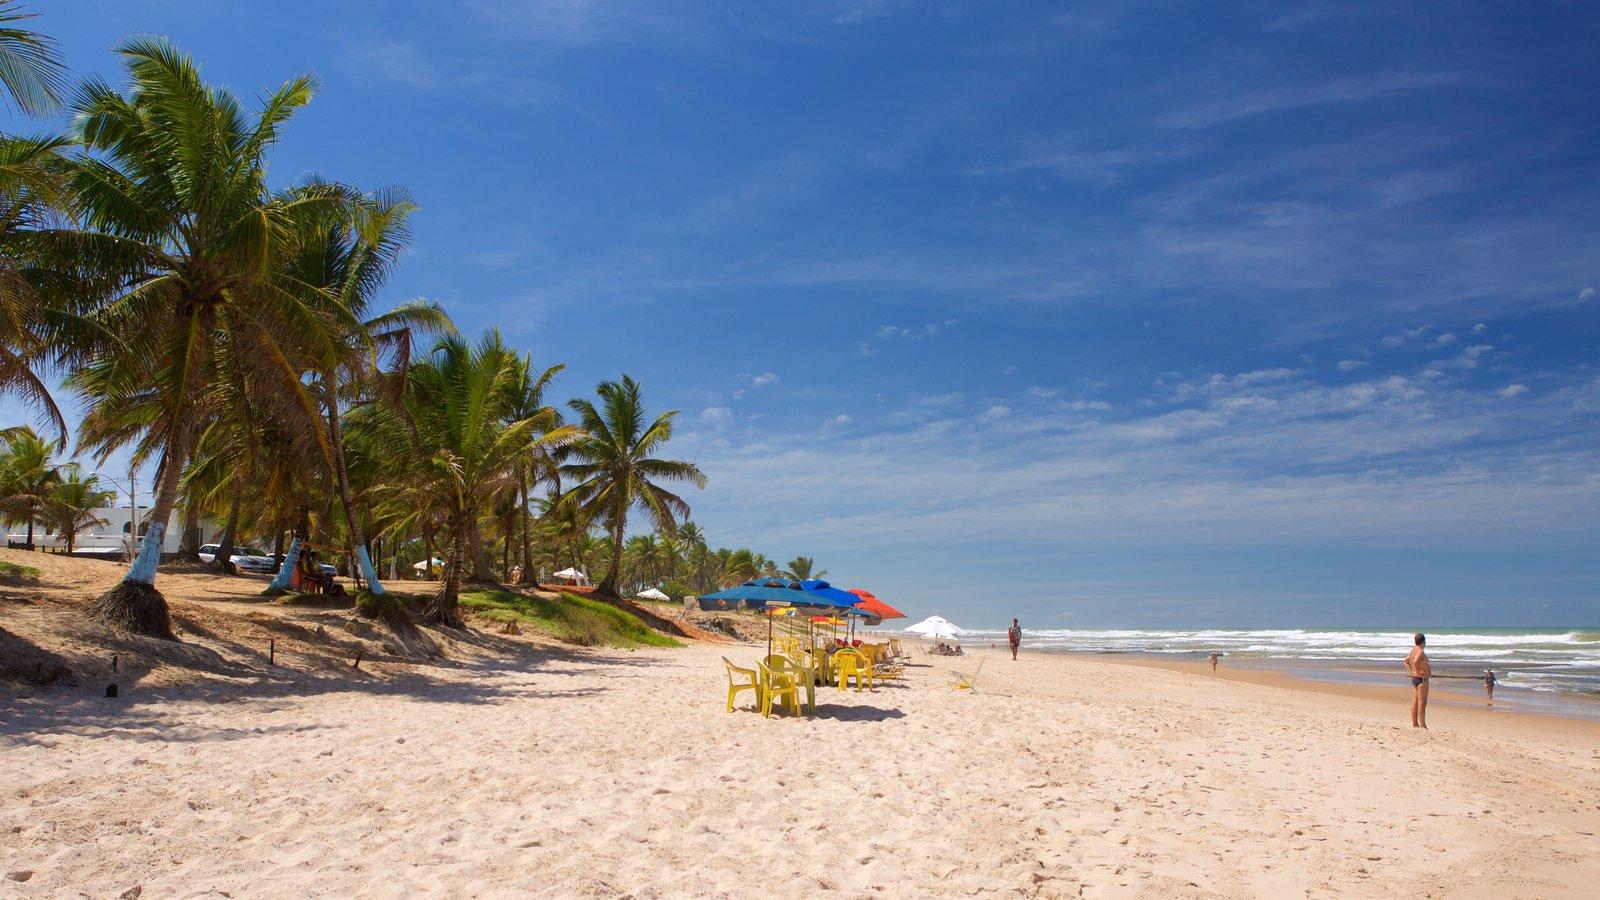 Flamengo Beach que inclui cenas tropicais, paisagens litorâneas e uma praia